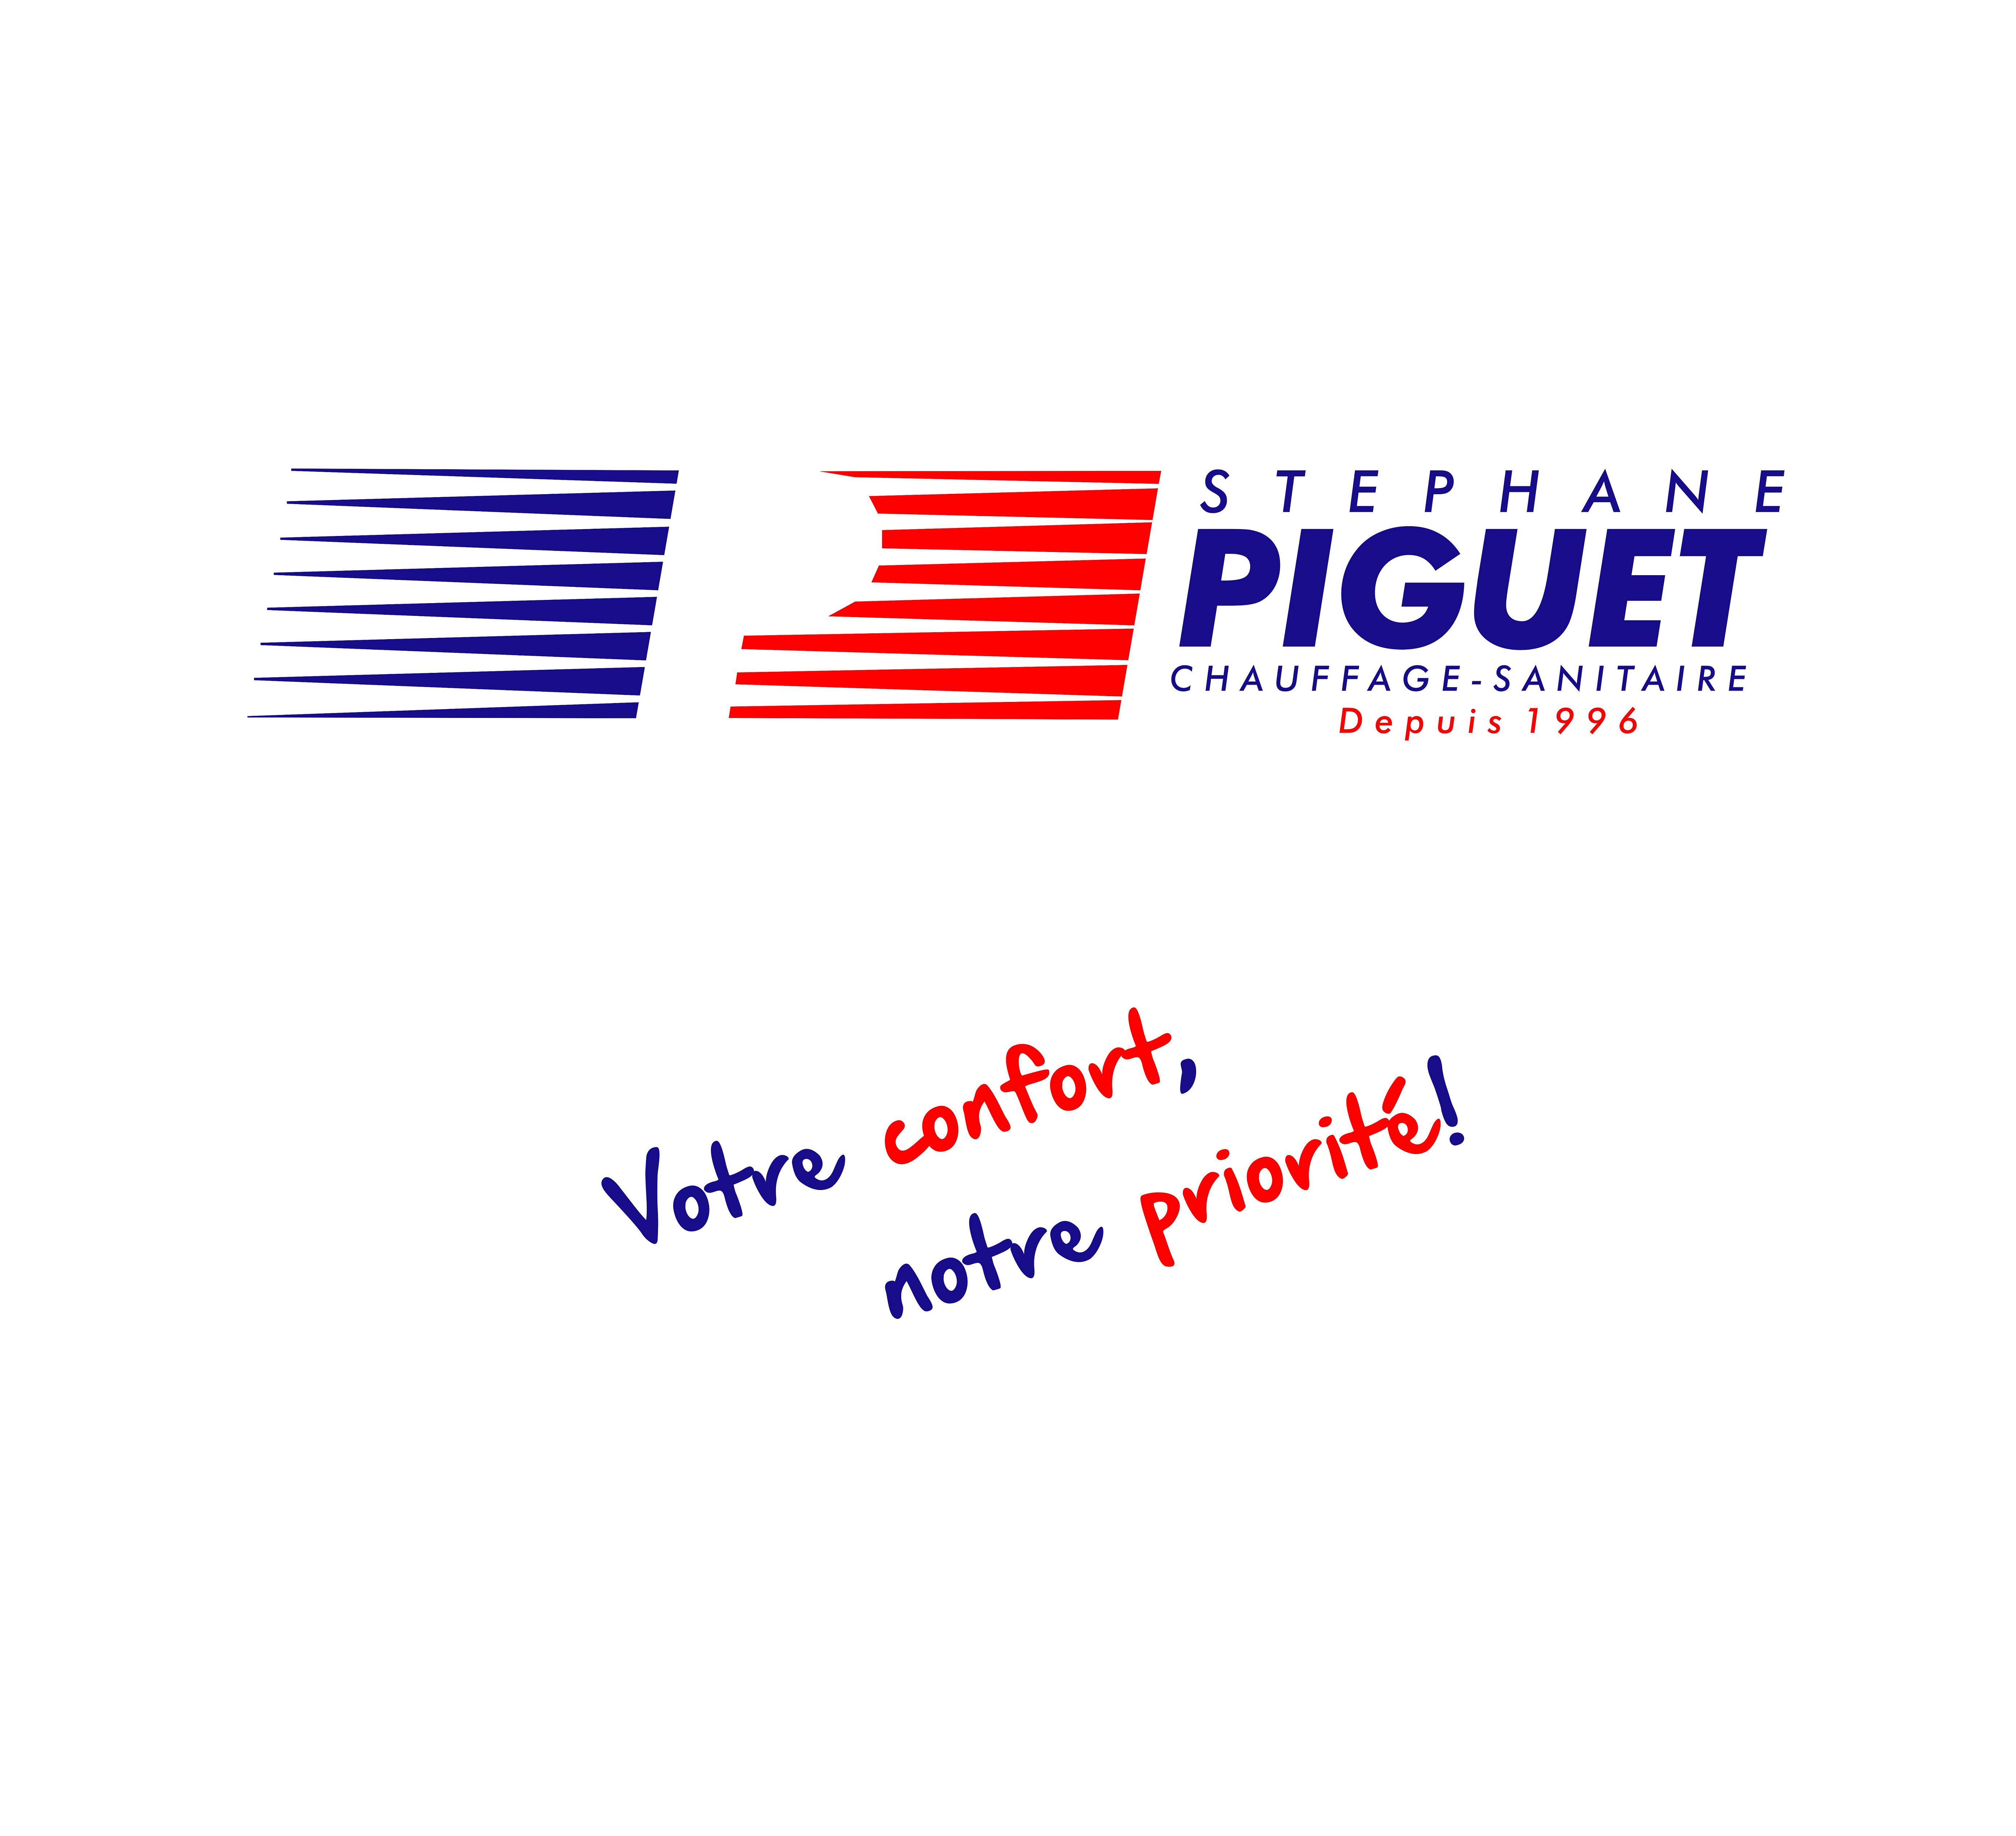 PIGUET STEPHANE SA